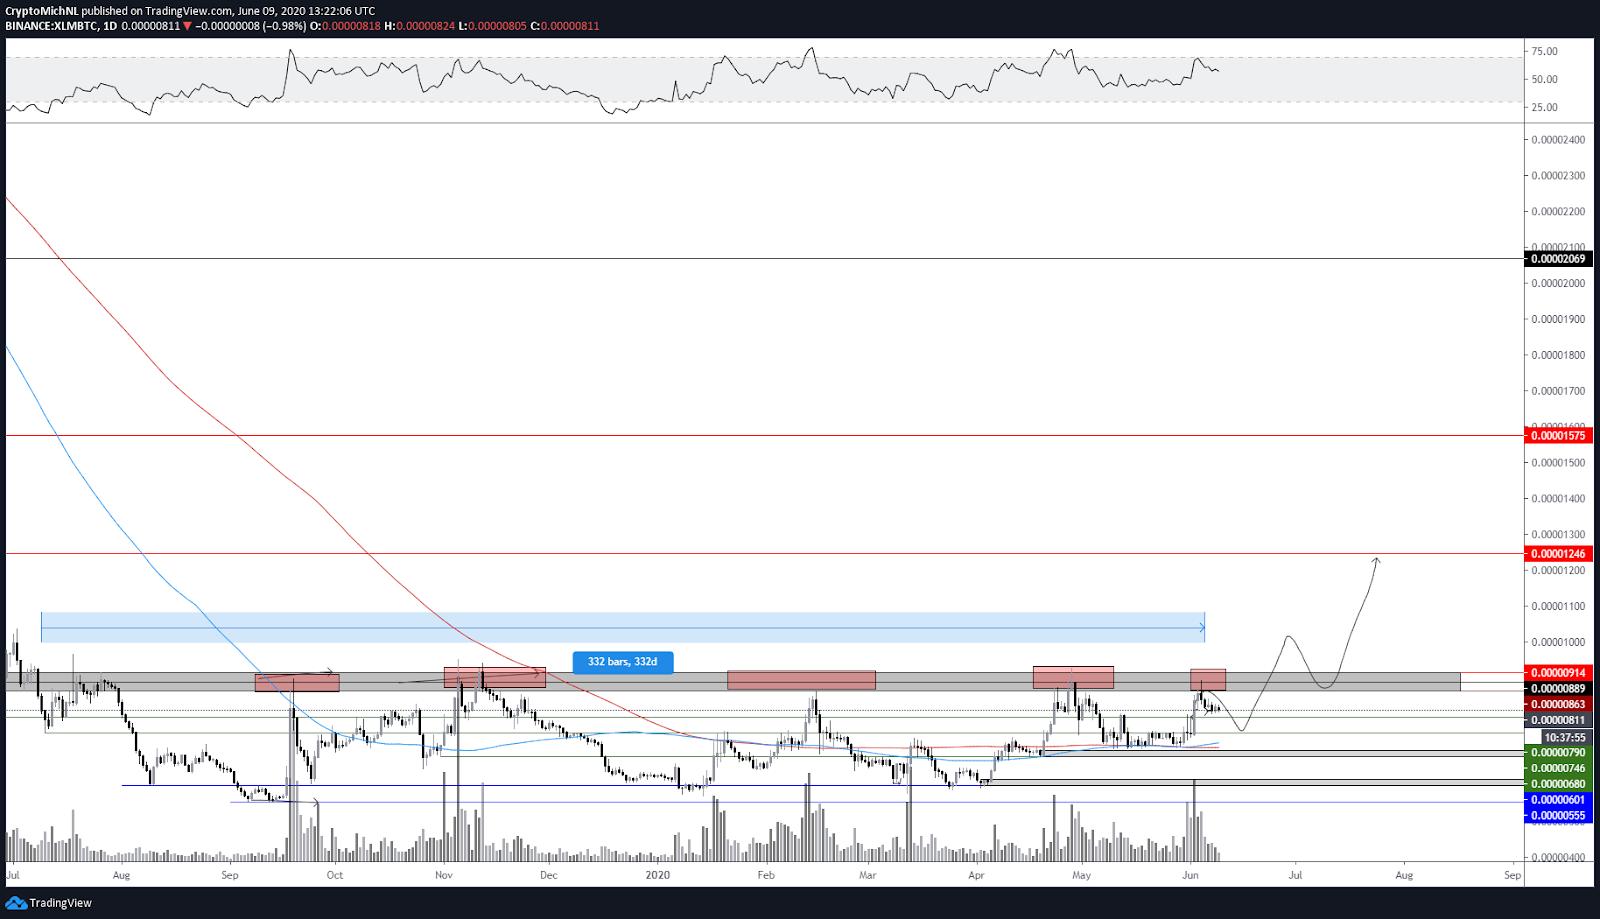 XLM/BTC 1-day chart